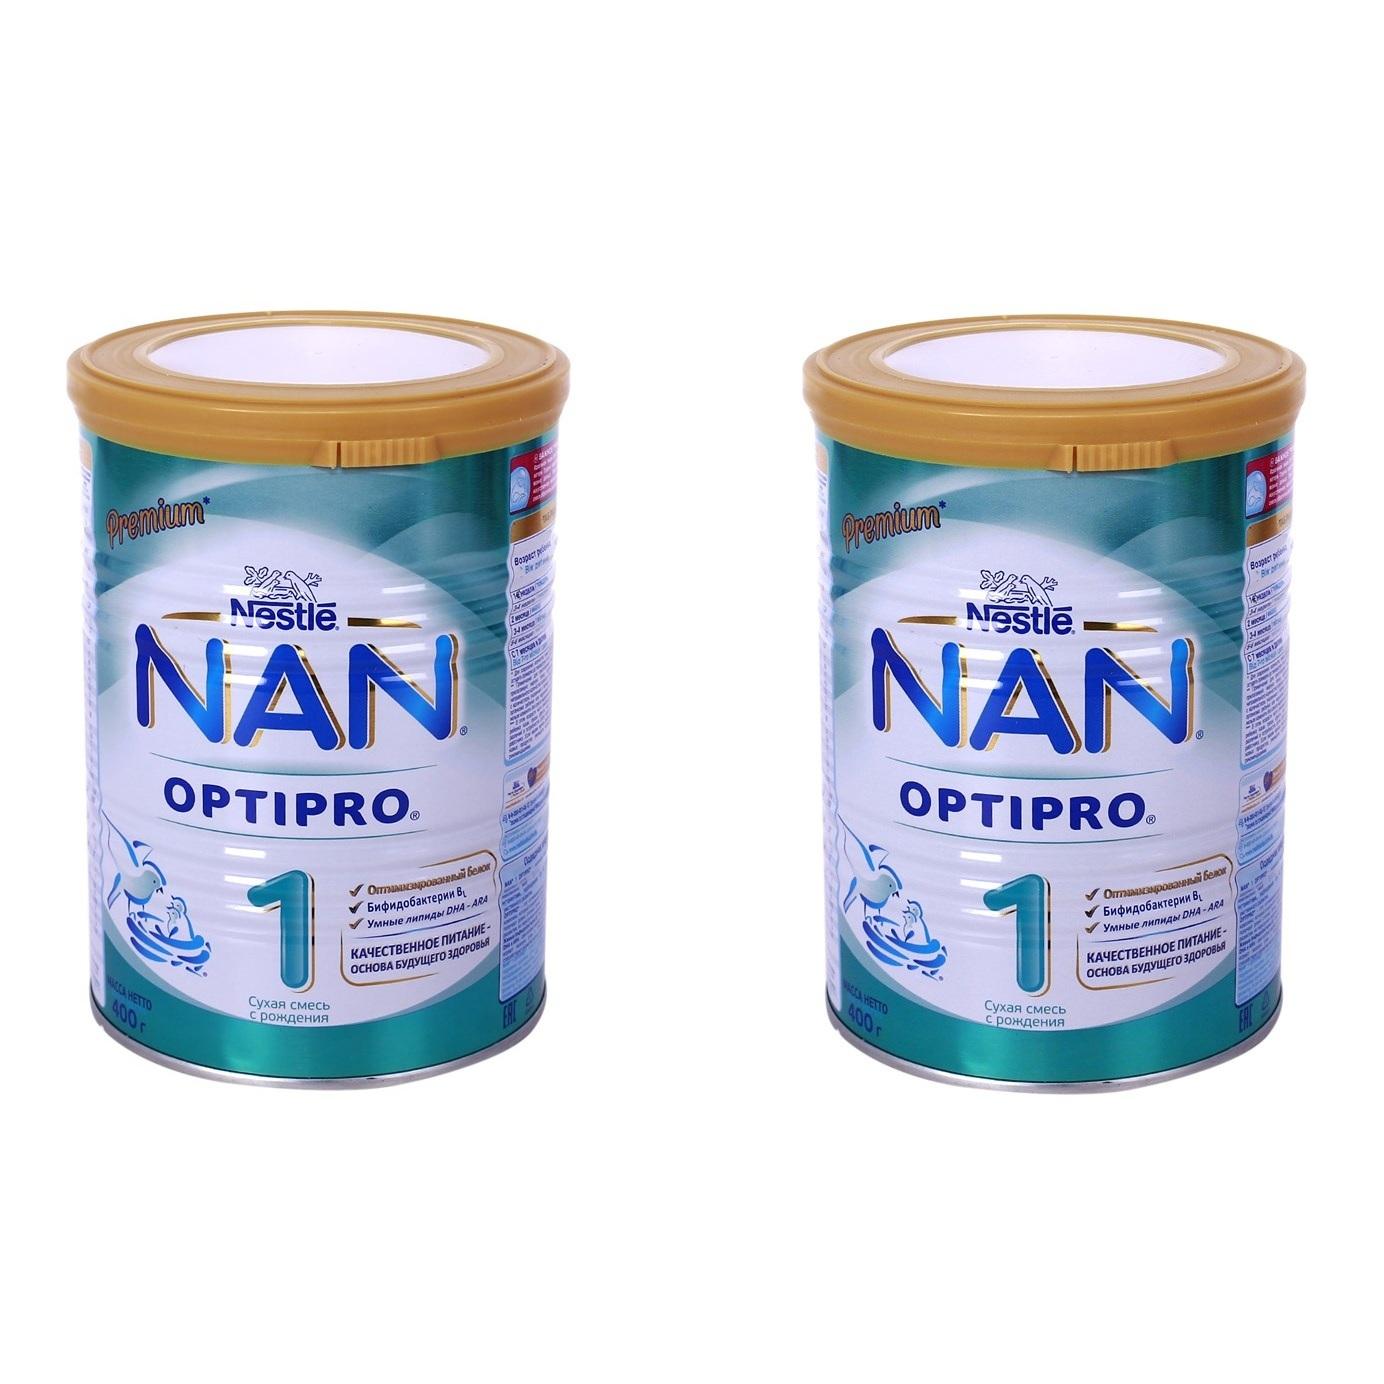 Bộ 2 hộp sữa Nan Nga số 1 400g x 2